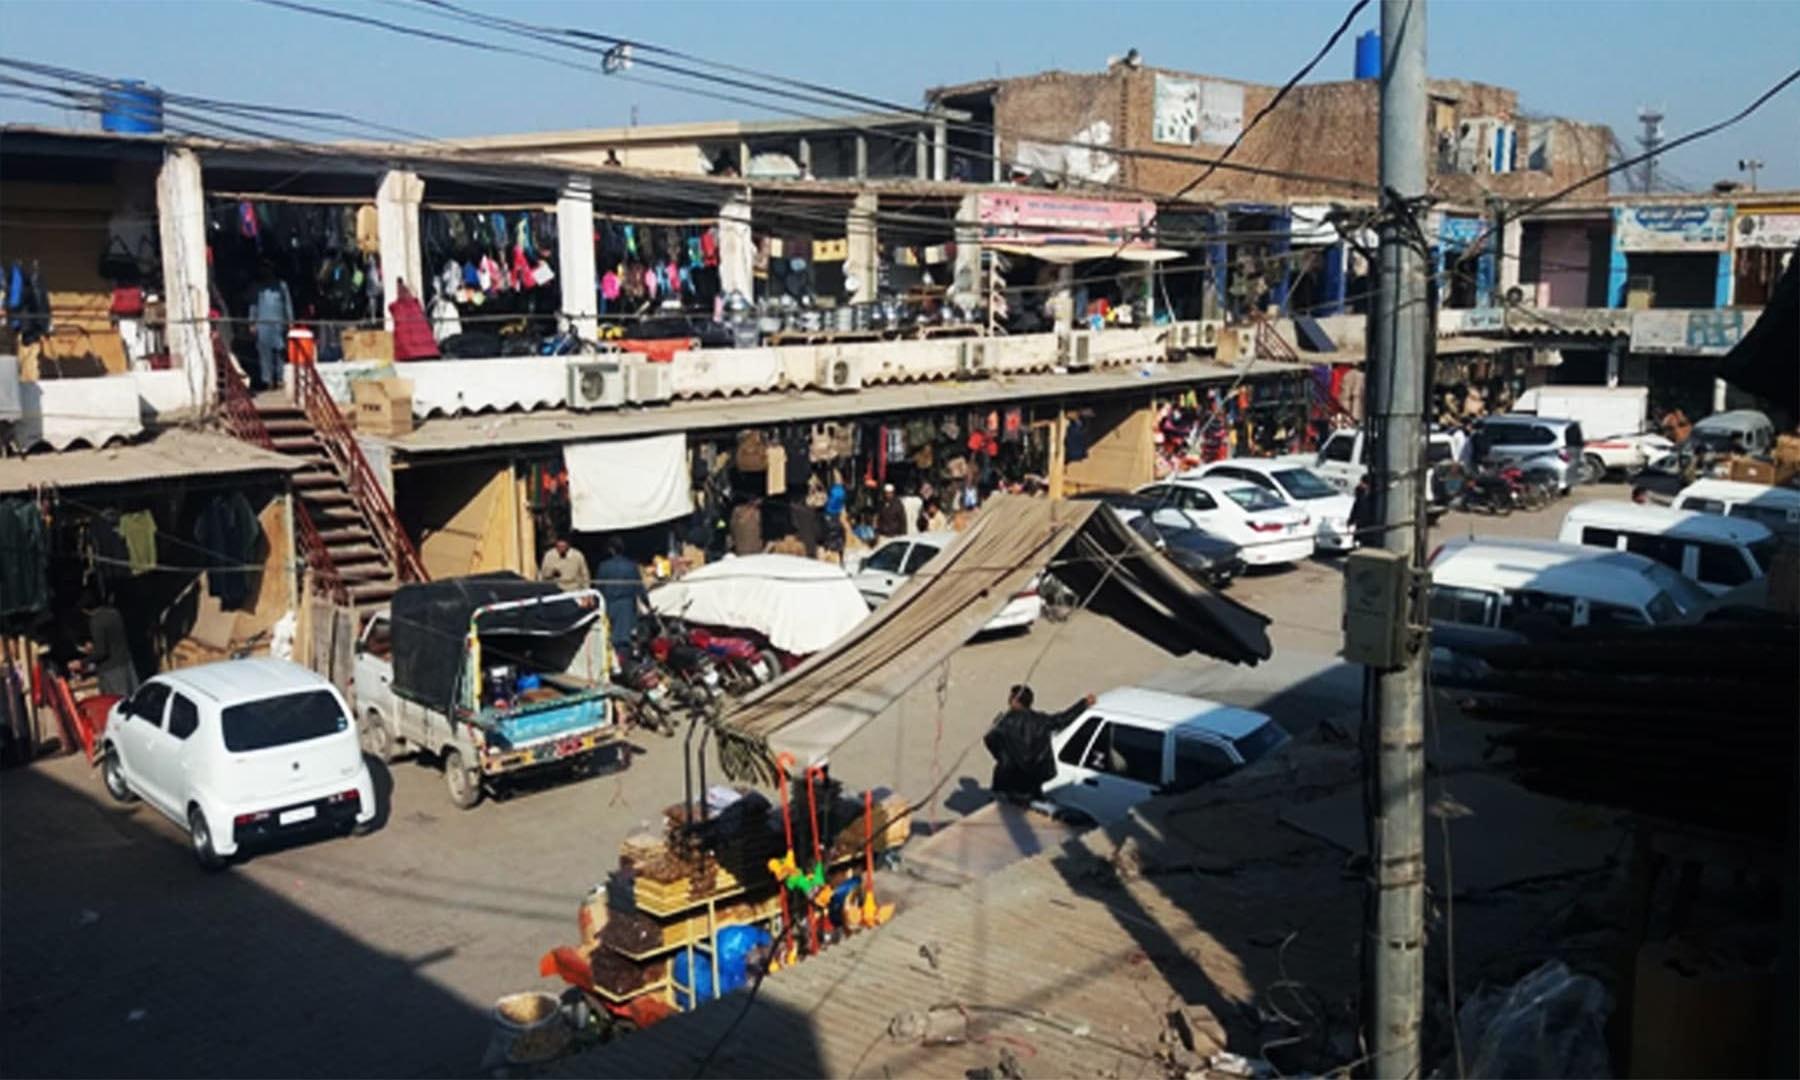 خیبر ایجنسی کے بارڈر سے متصل کارخانو مارکیٹ پشاور کا ایک منظر—فوٹو: توصیف احمد